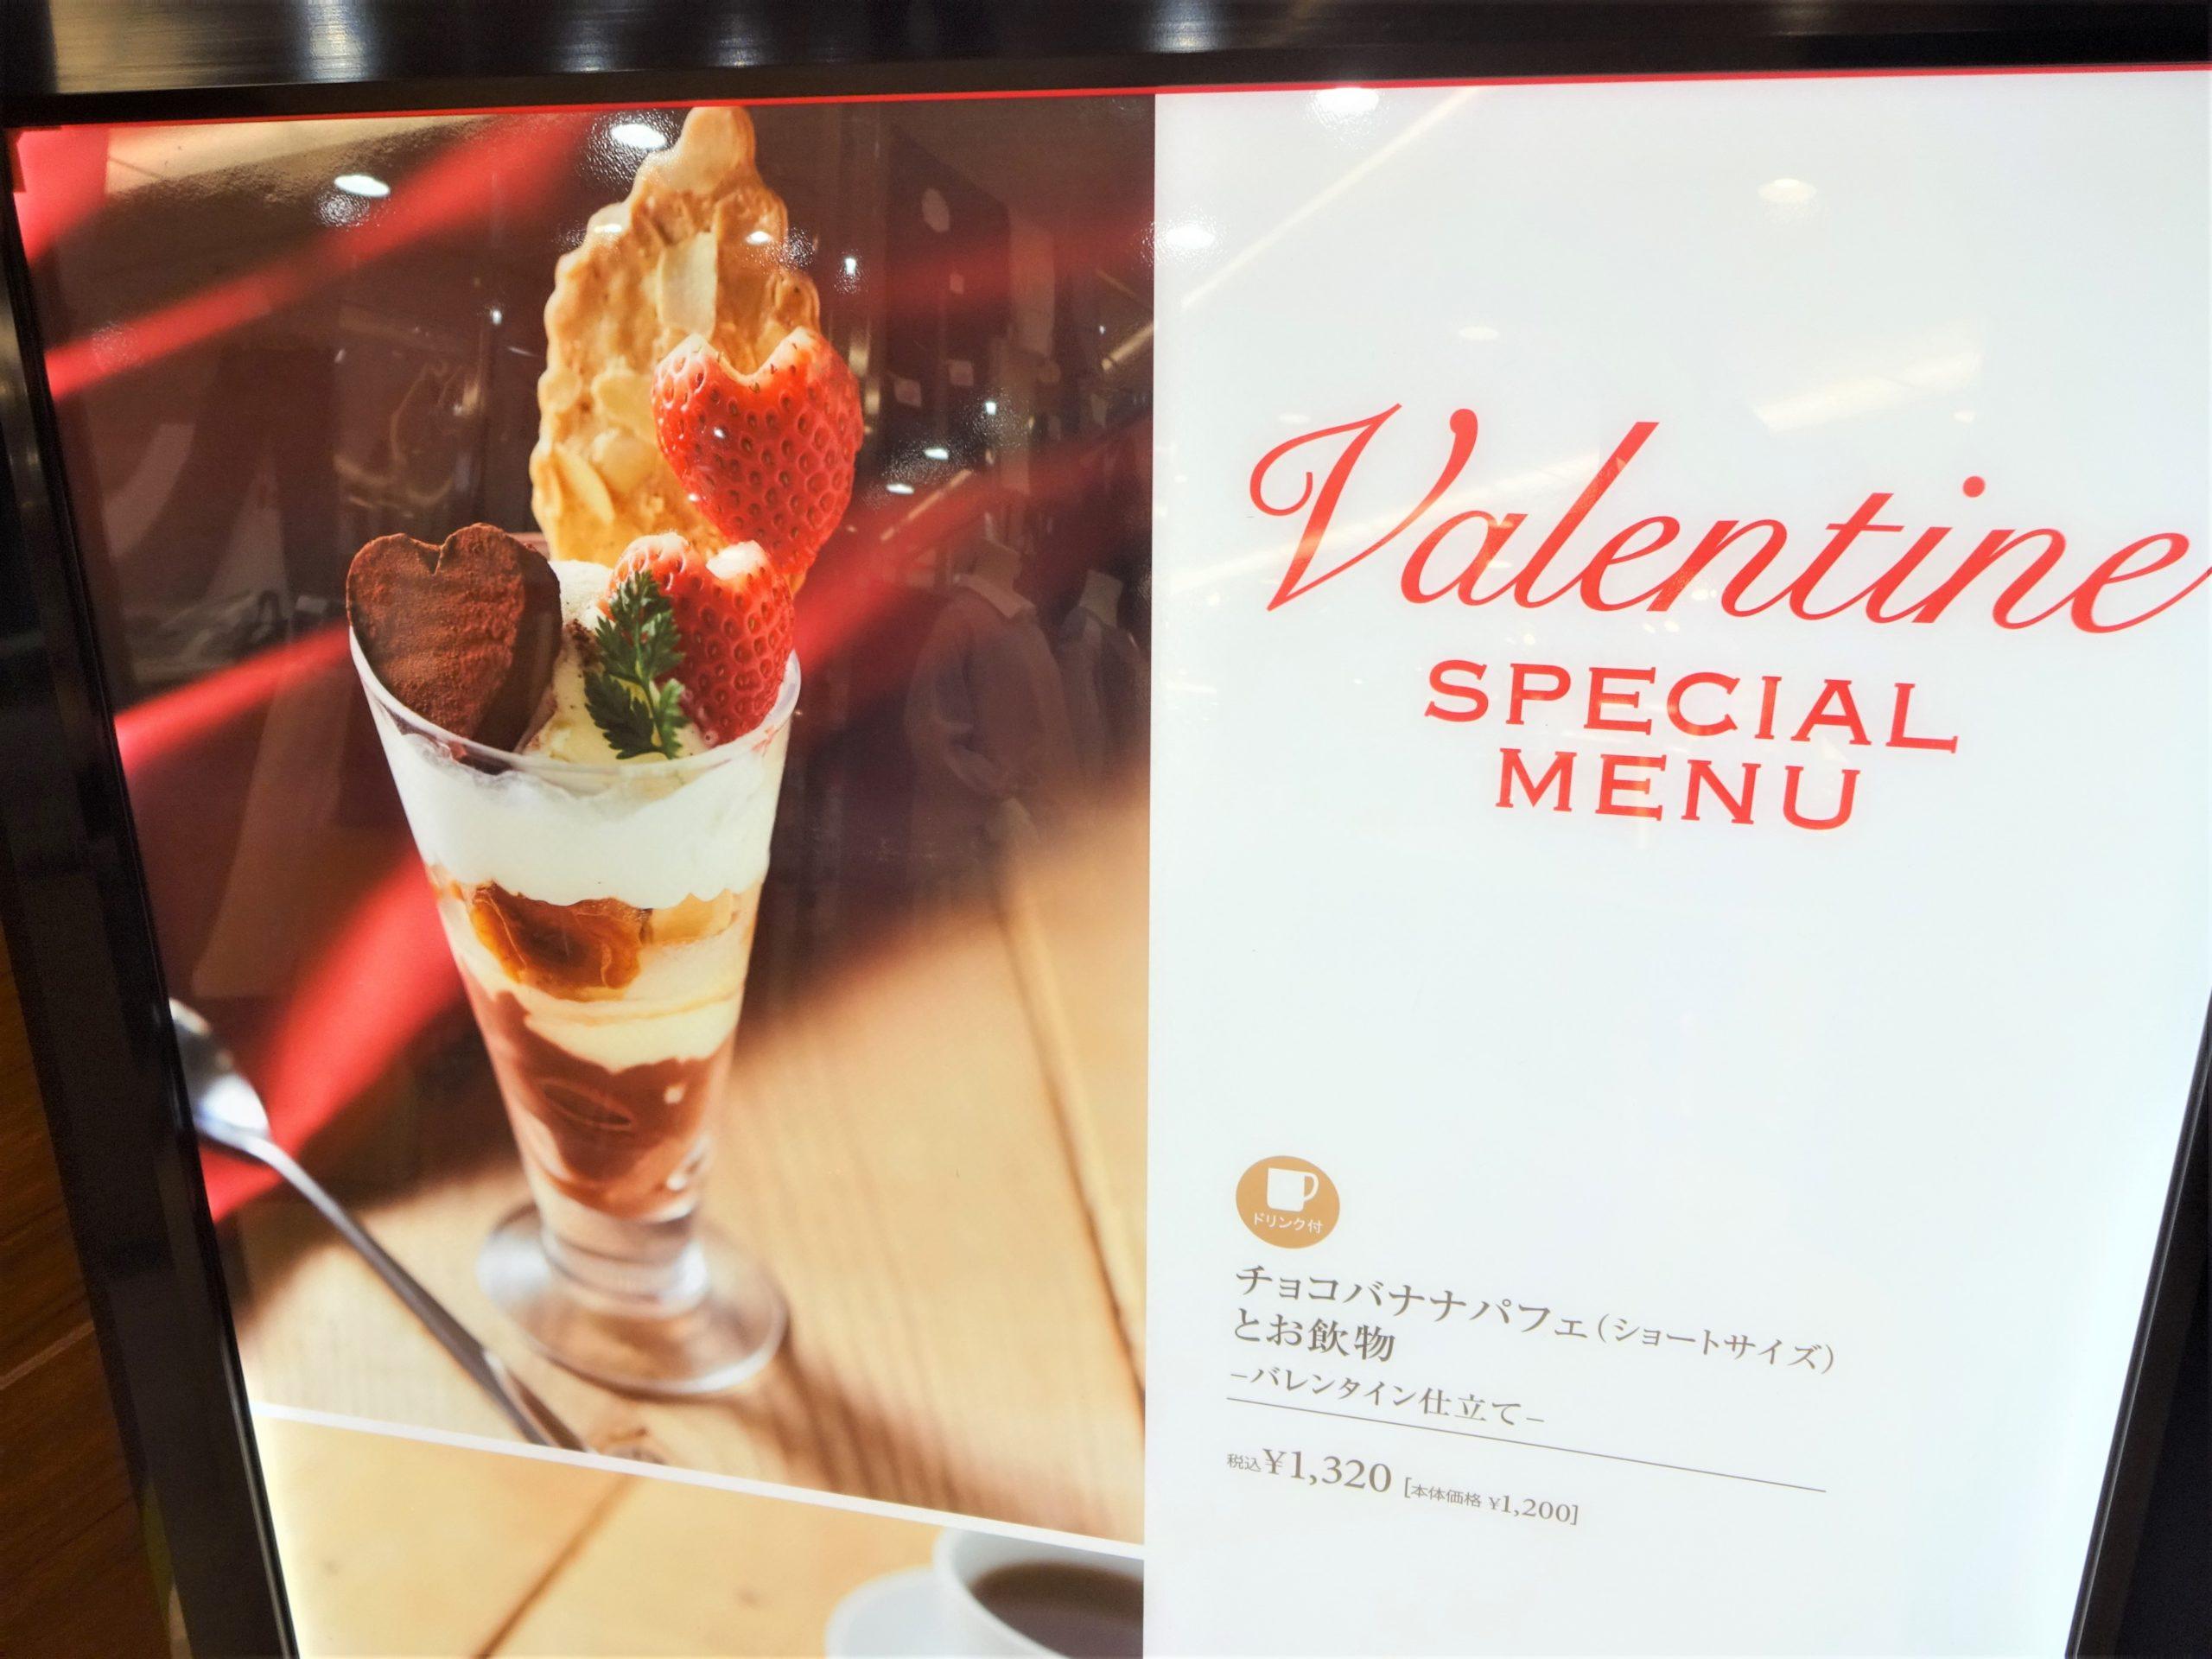 バレンタイン特製デザート「チョコバナナパフェ」